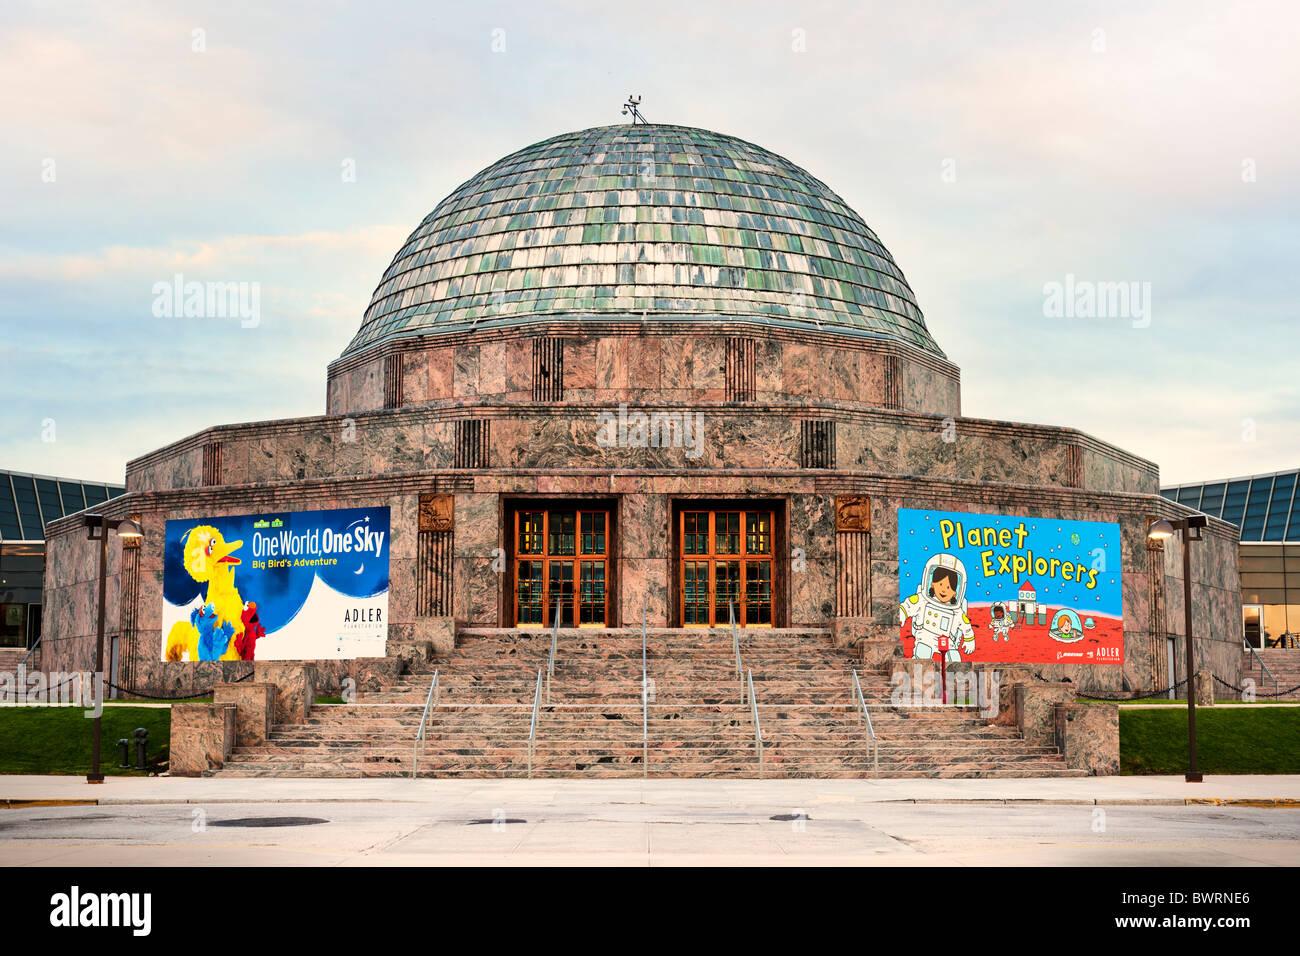 adler planetarium chicago museum stock photos adler planetarium